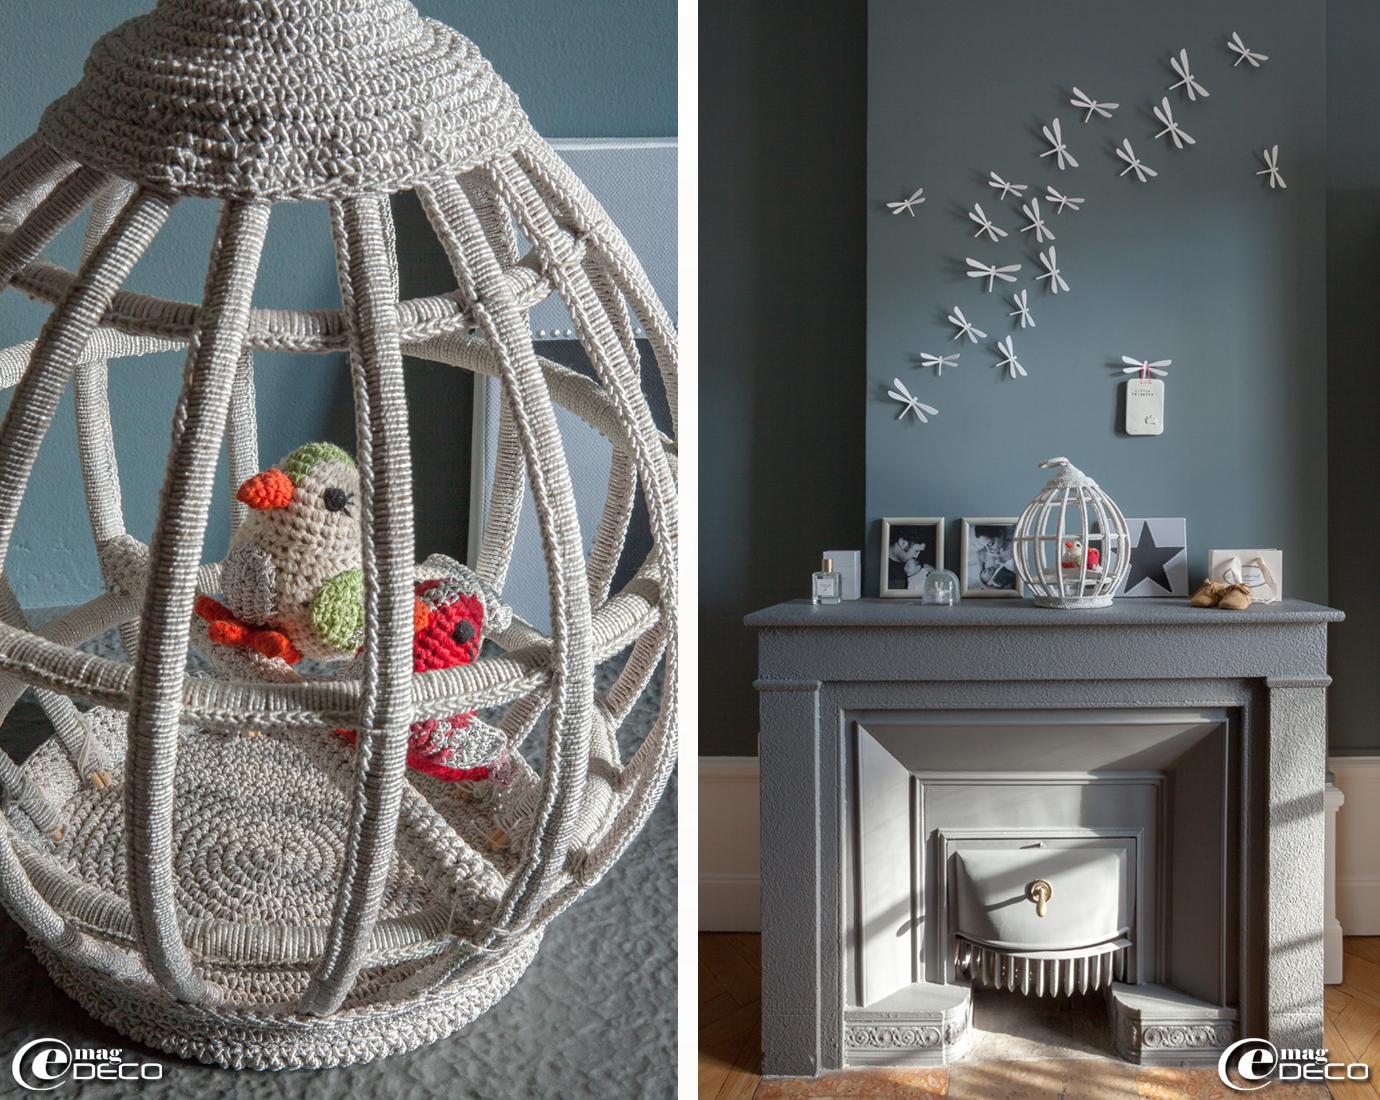 Cage à oiseaux au crochet, création Anne-Claire Petit, envolée de libellules achetées sur le site web 'Smallable'